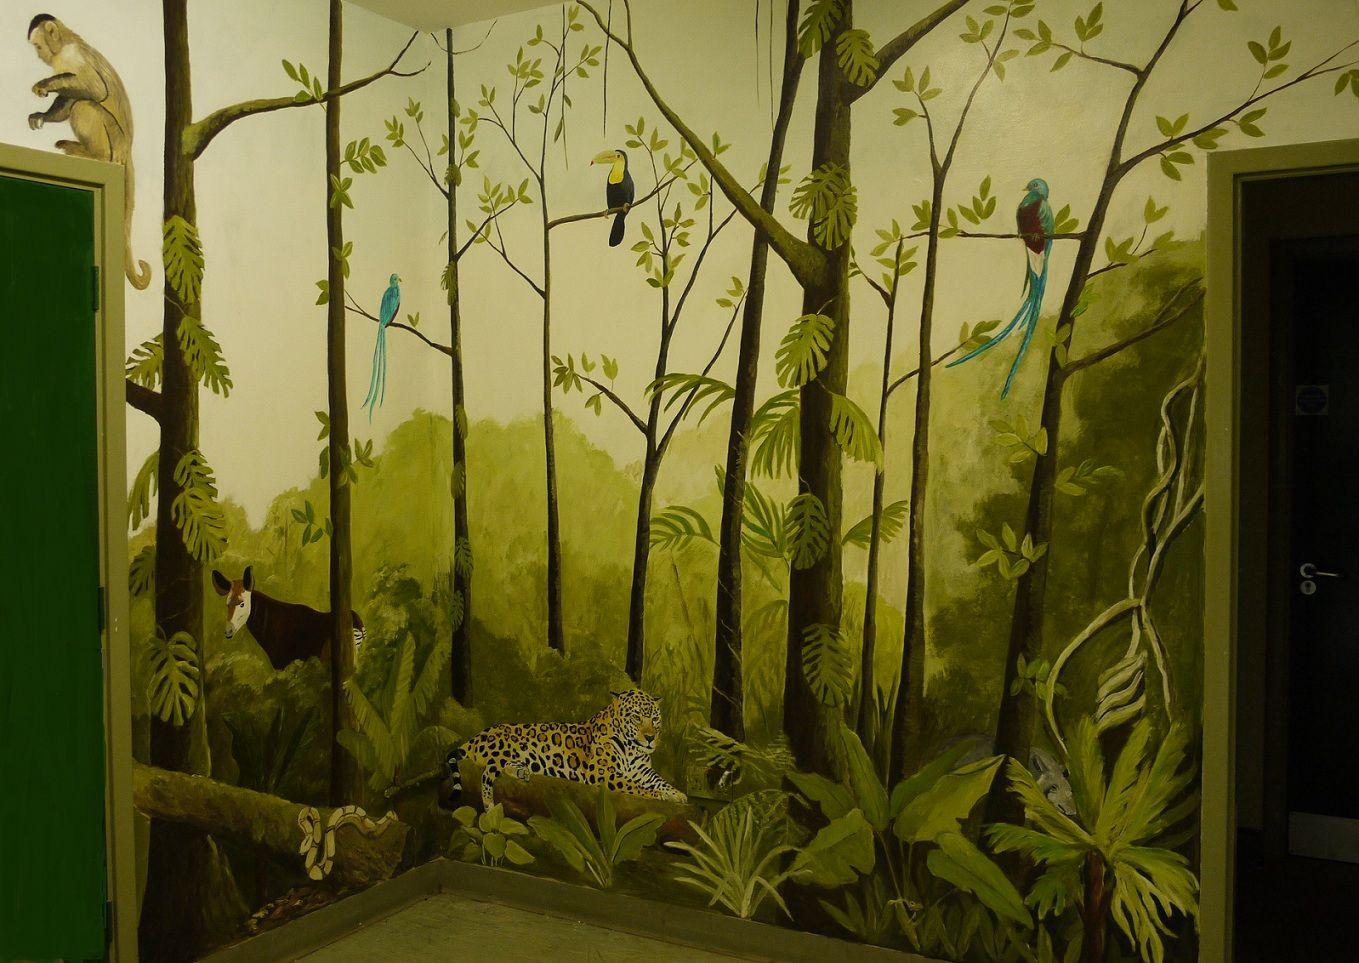 Hand Painted Wall Murals | Jungle Mural | Jess Arthur Mural Artist ...